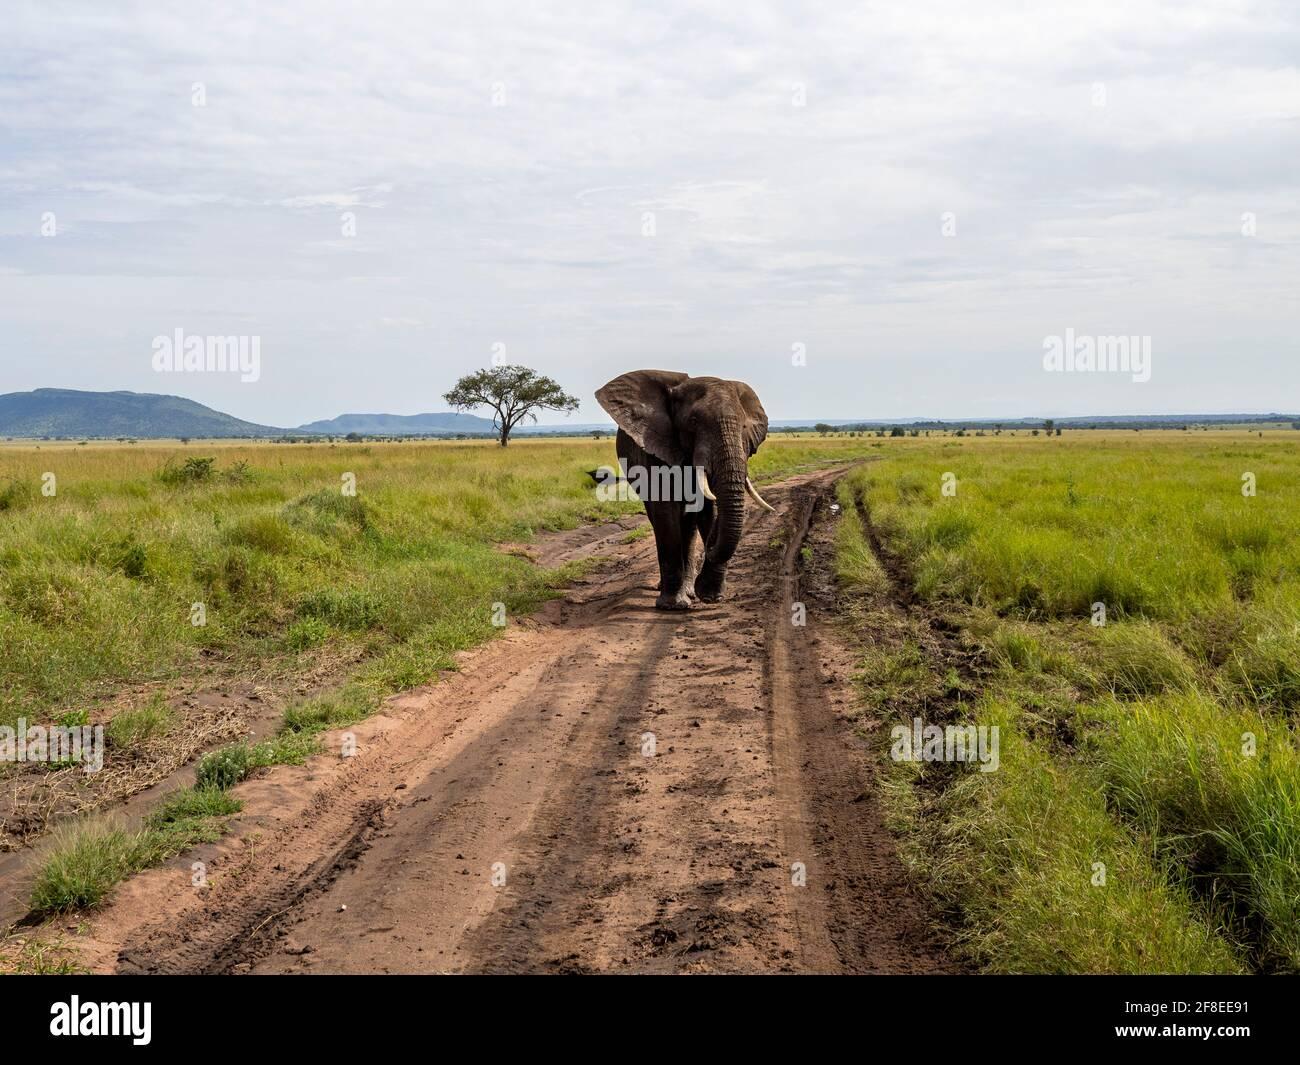 Parc national de Serengeti, Tanzanie, Afrique - 29 février 2020 : l'éléphant d'Afrique marche sur le sentier de terre du parc national de Serengeti Banque D'Images